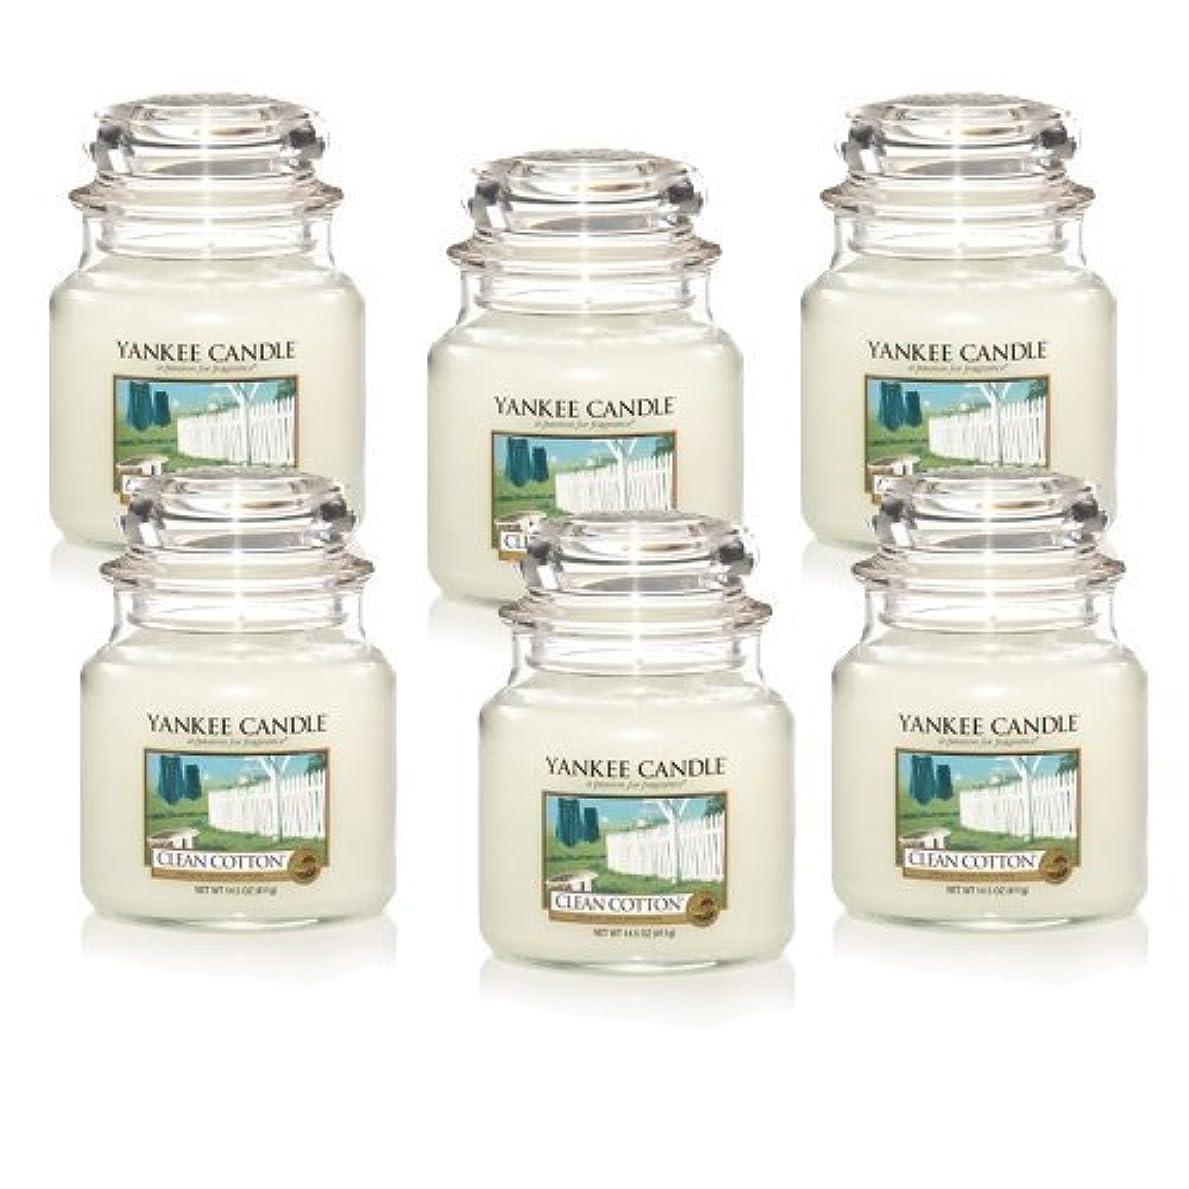 カウボーイ学部長不当Yankee Candle Company Clean Cotton 14.5-Ounce Jar Candle, Medium, Set of 6 by Amazon source [並行輸入品]